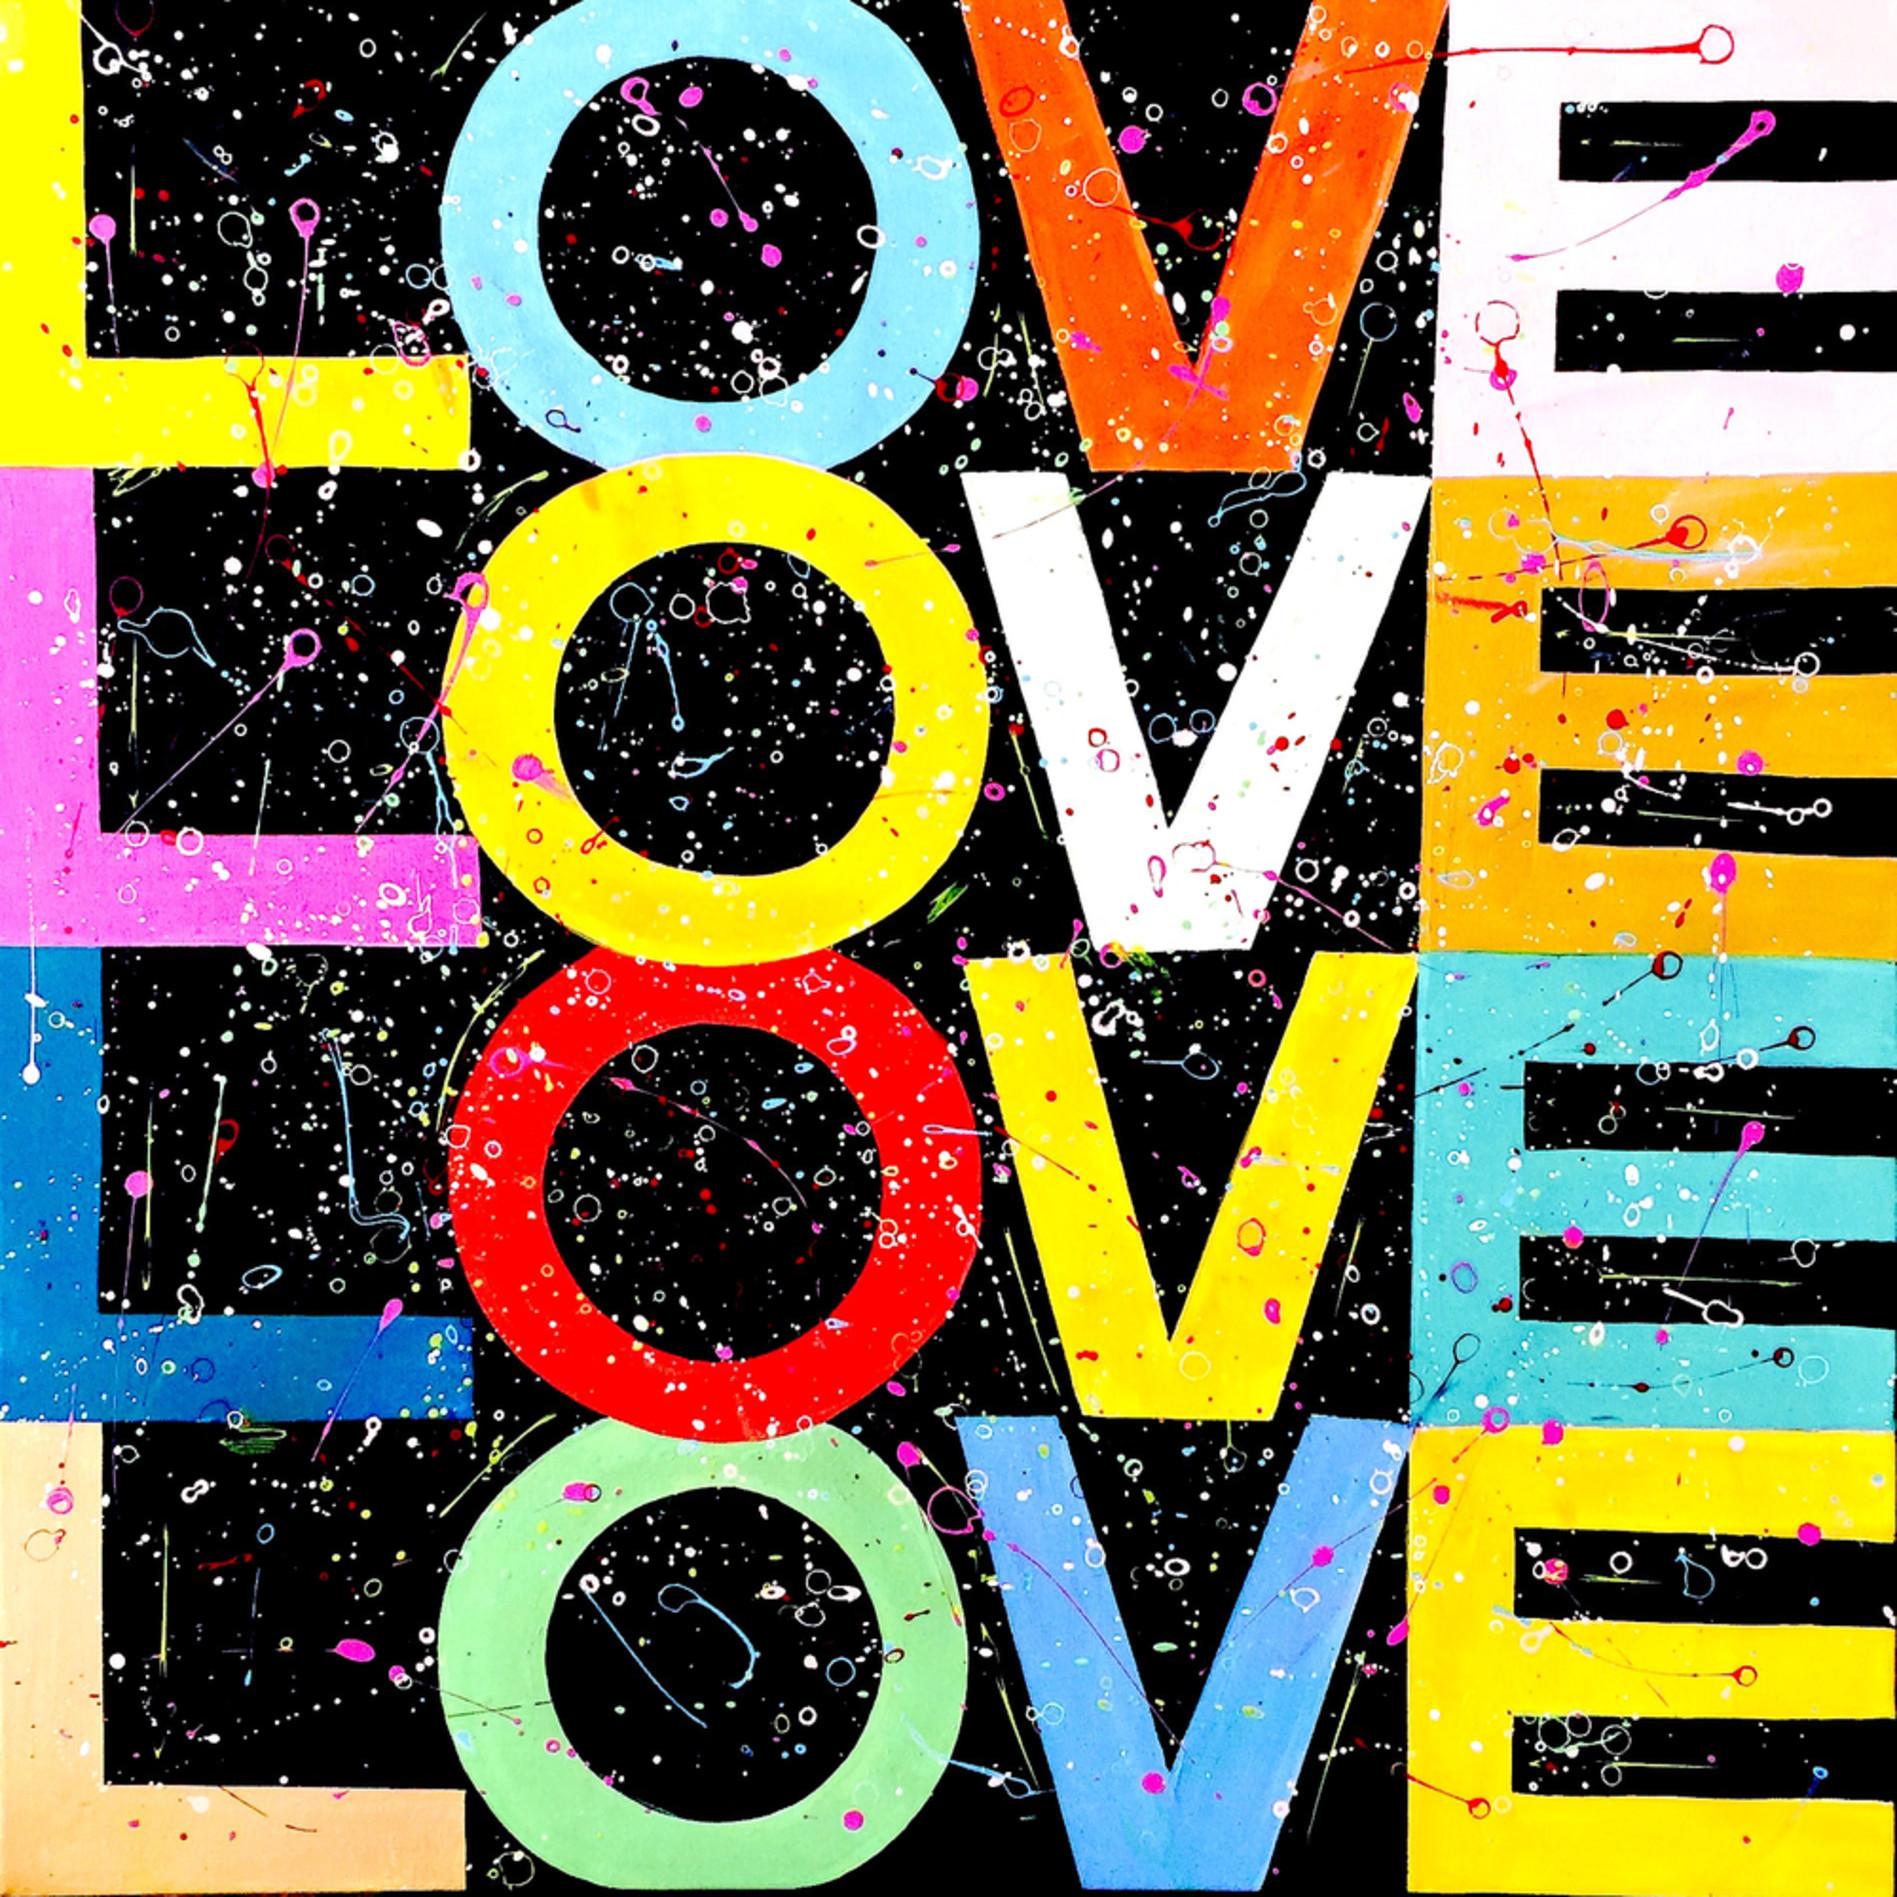 Love mggbte